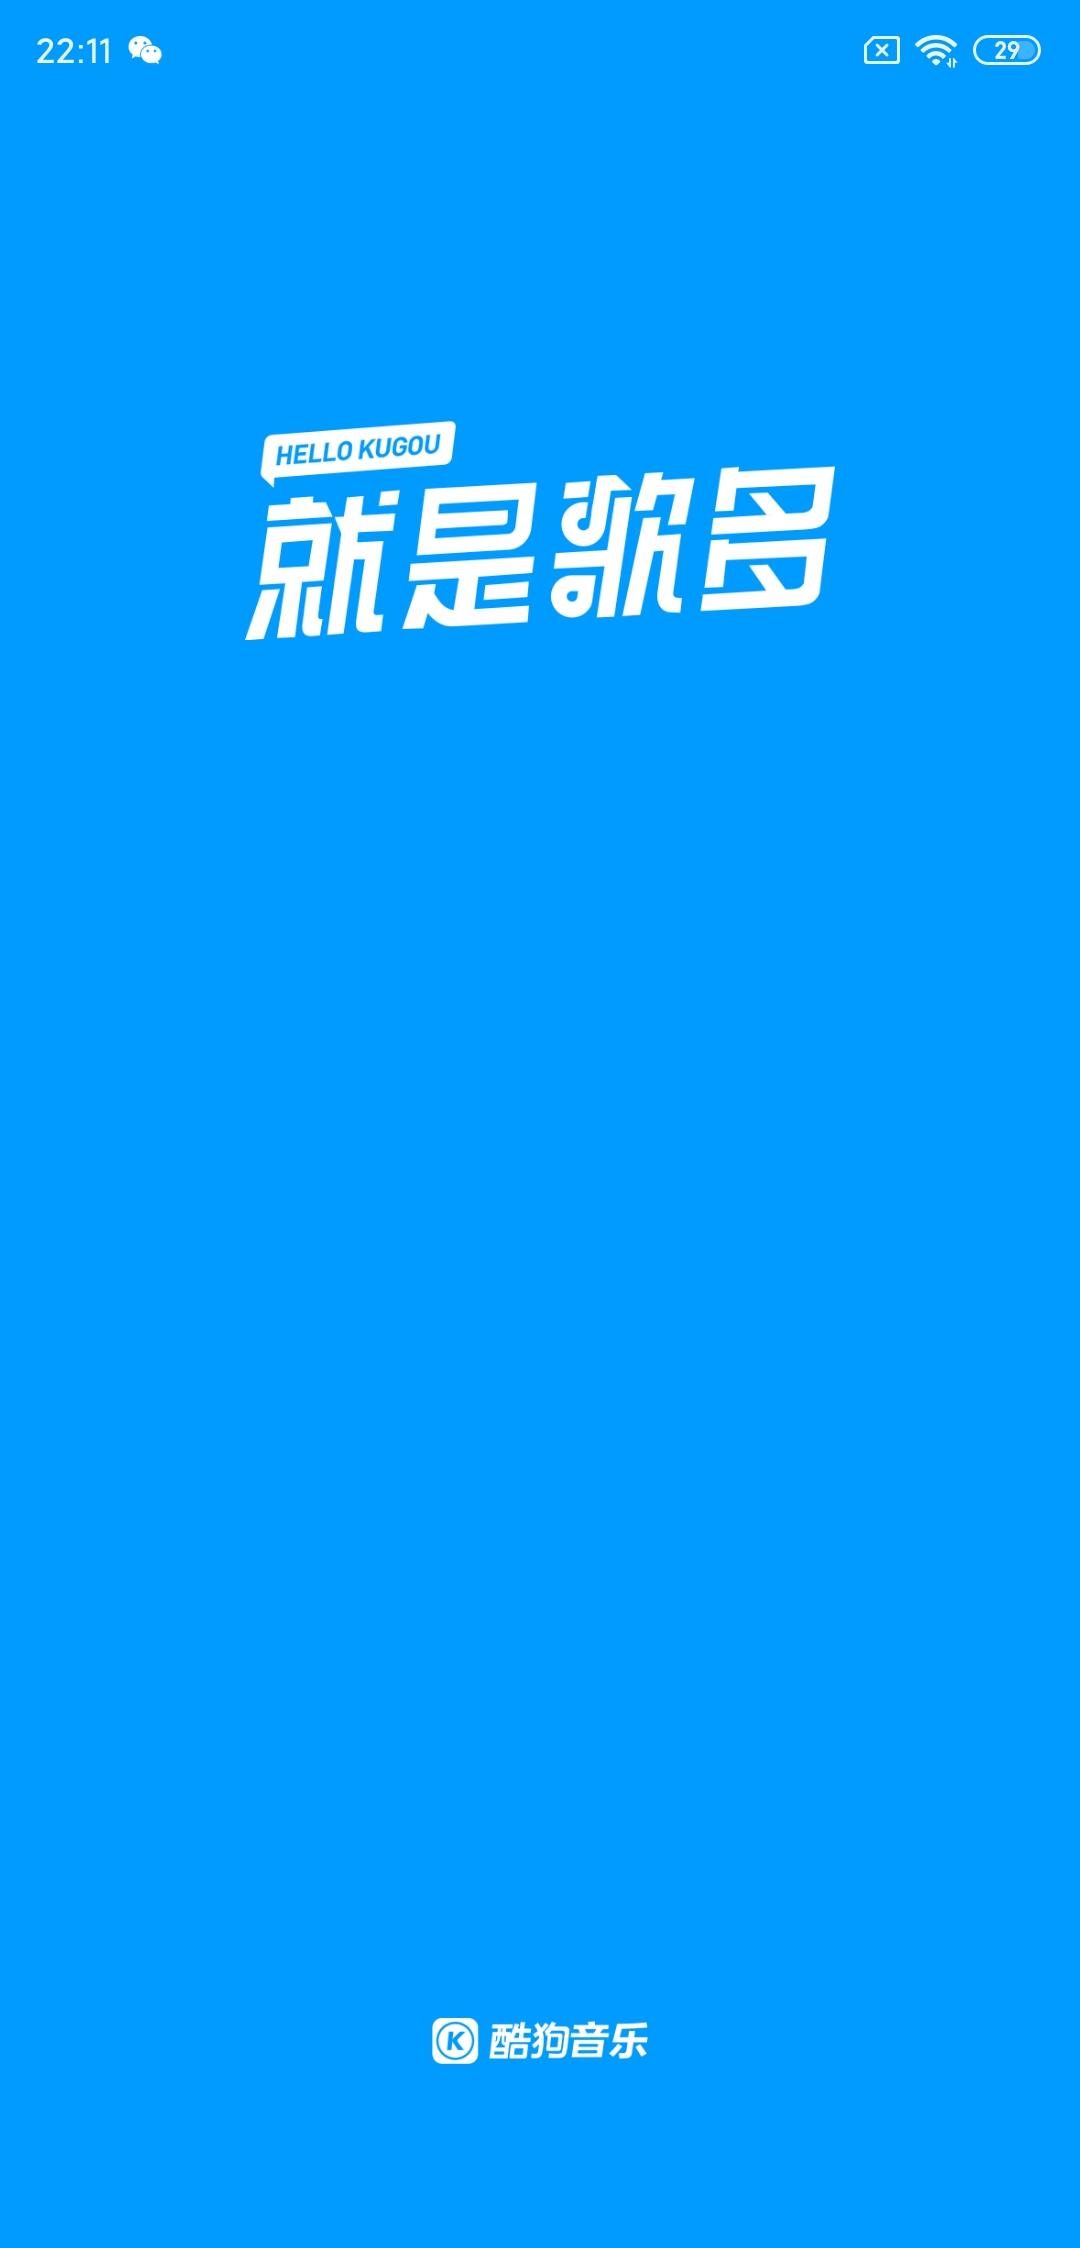 【分享】酷狗音乐v10.1.3 解锁会员功能/去广告等等